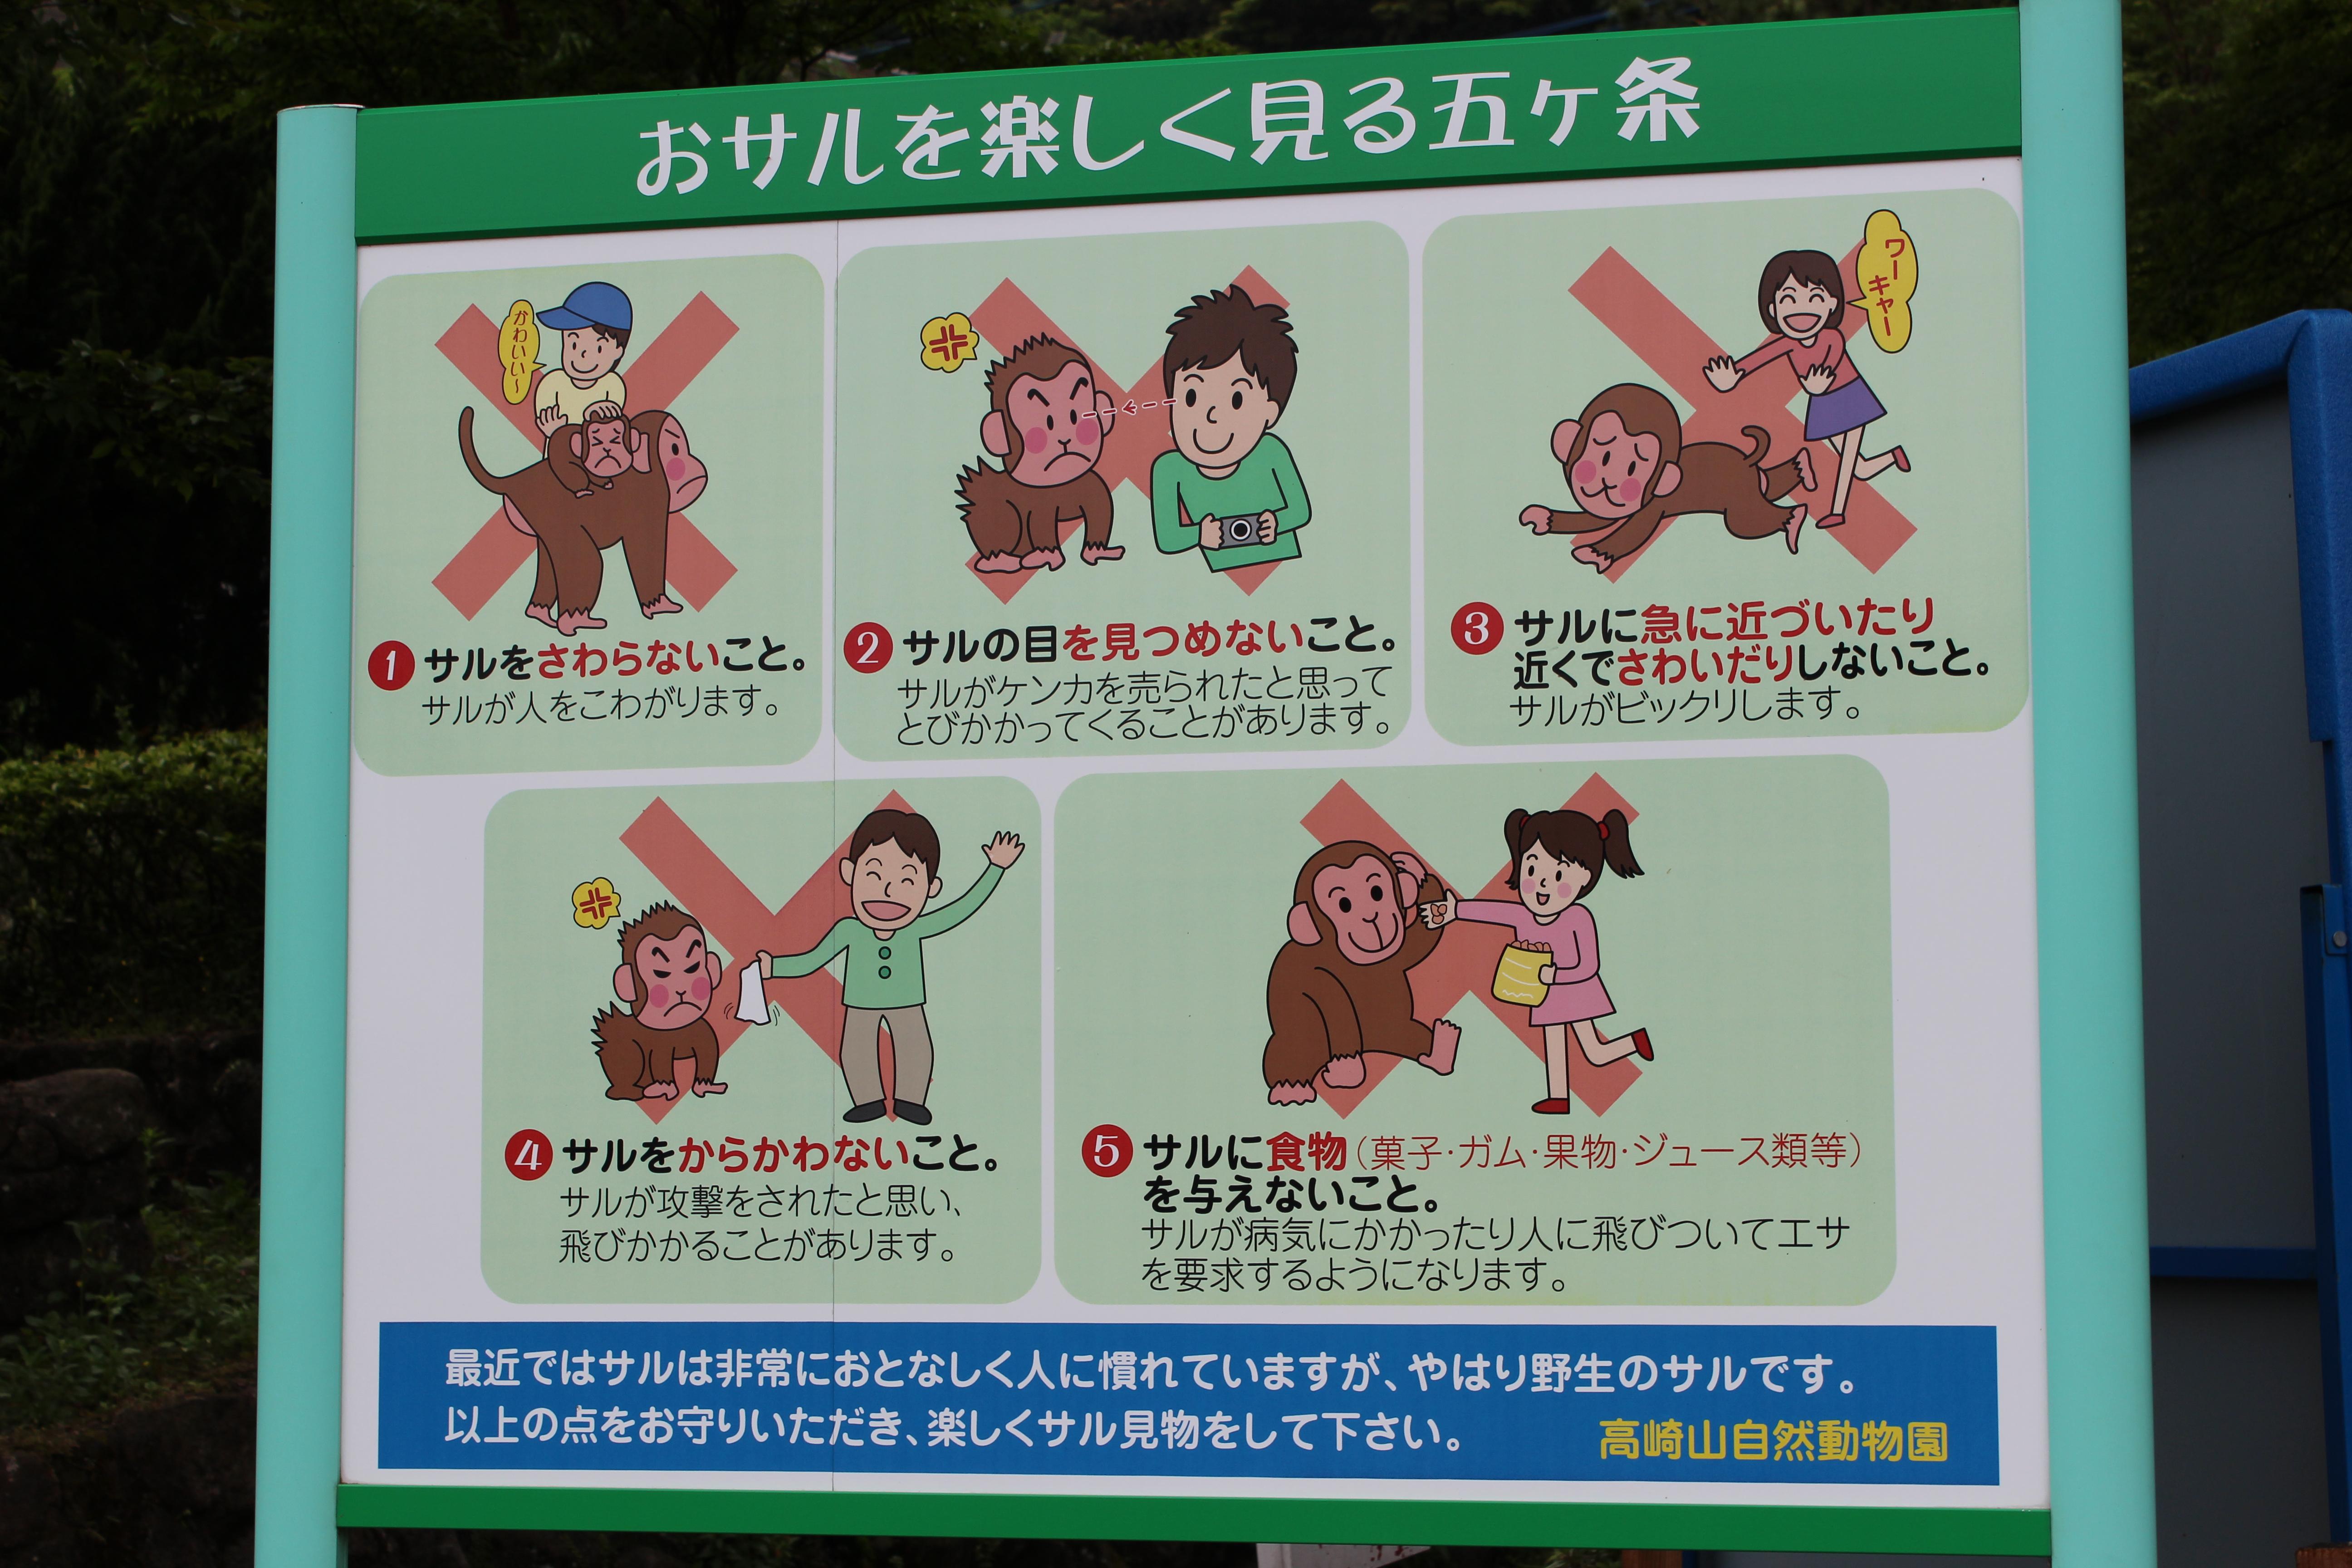 Парк обезьян Такасакияма